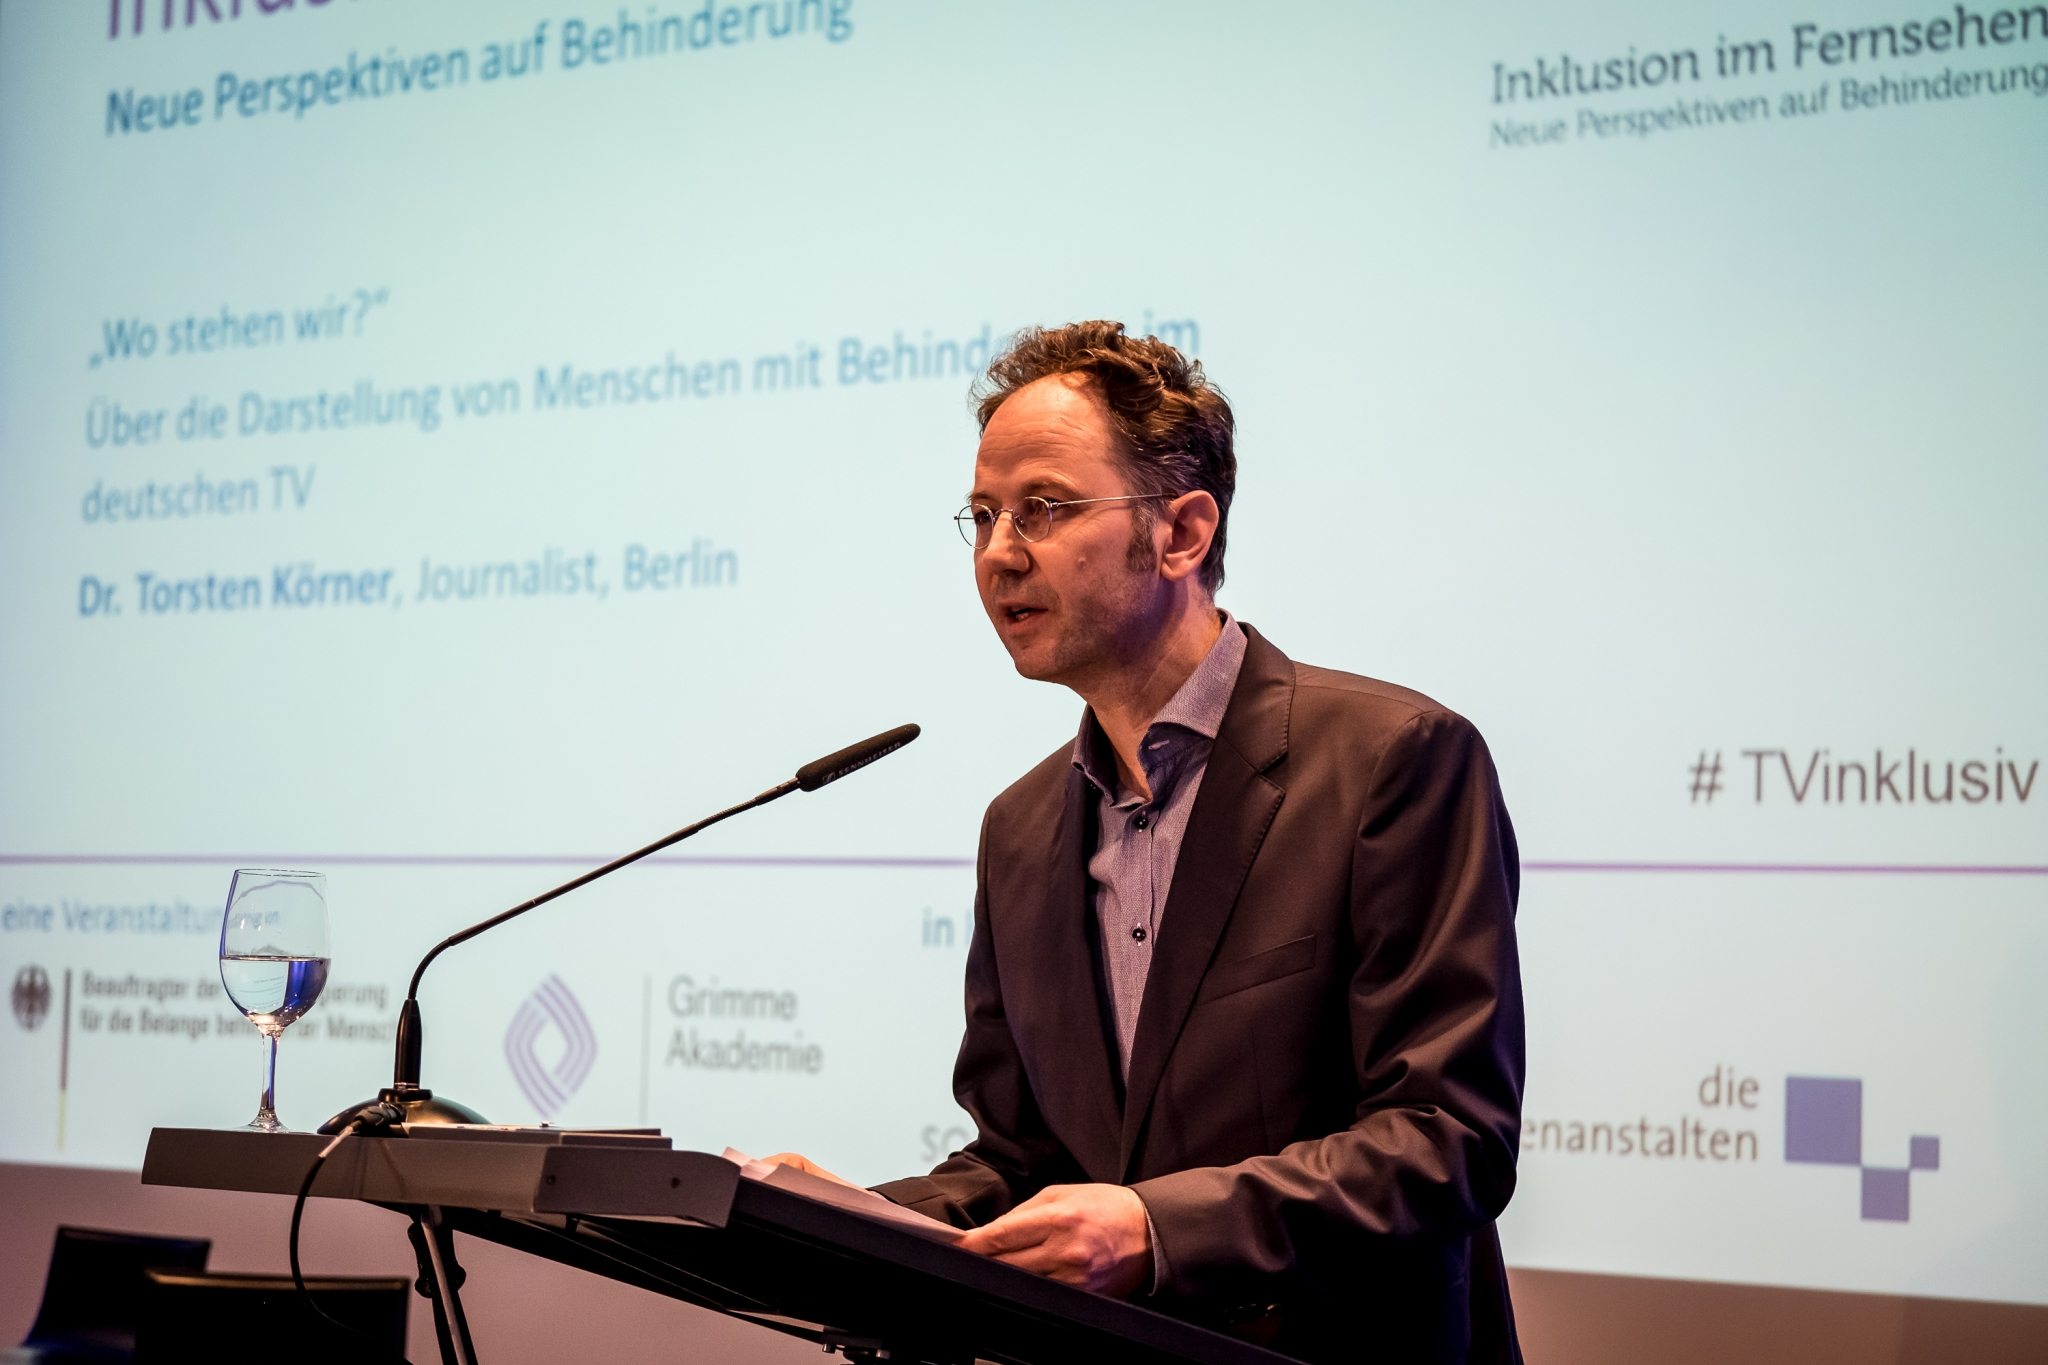 Ein Mann steht am Rednerpult und hält einen Vortrag. Im Hintergrund sind seine Vortragsfolien zu sehen.